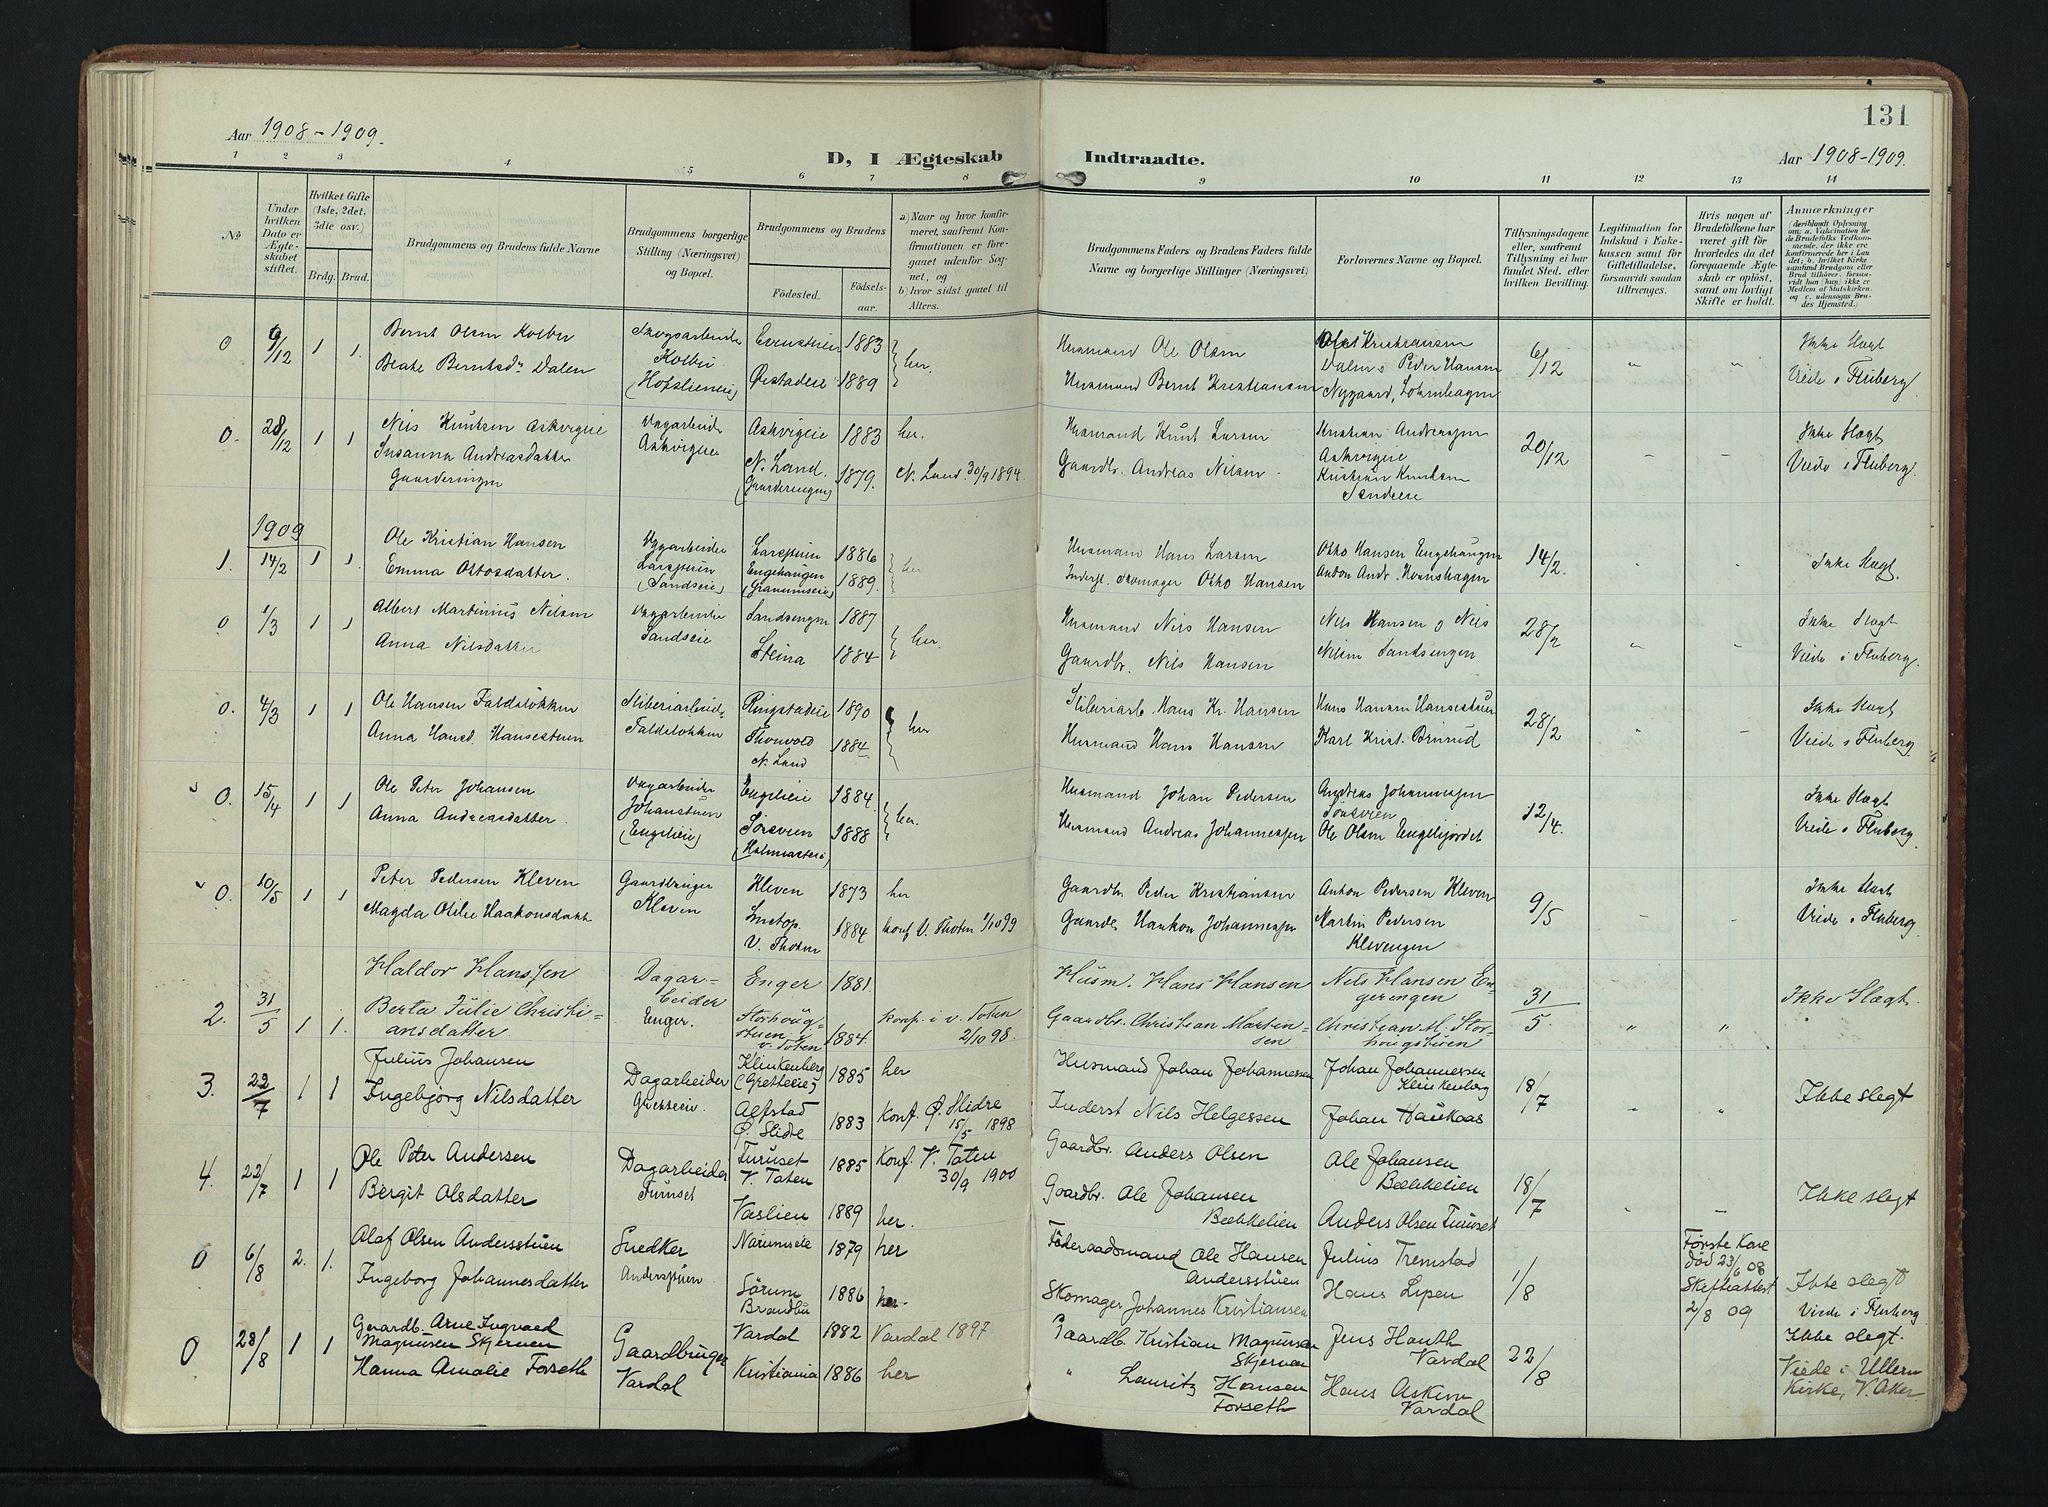 SAH, Søndre Land prestekontor, K/L0007: Ministerialbok nr. 7, 1905-1914, s. 131